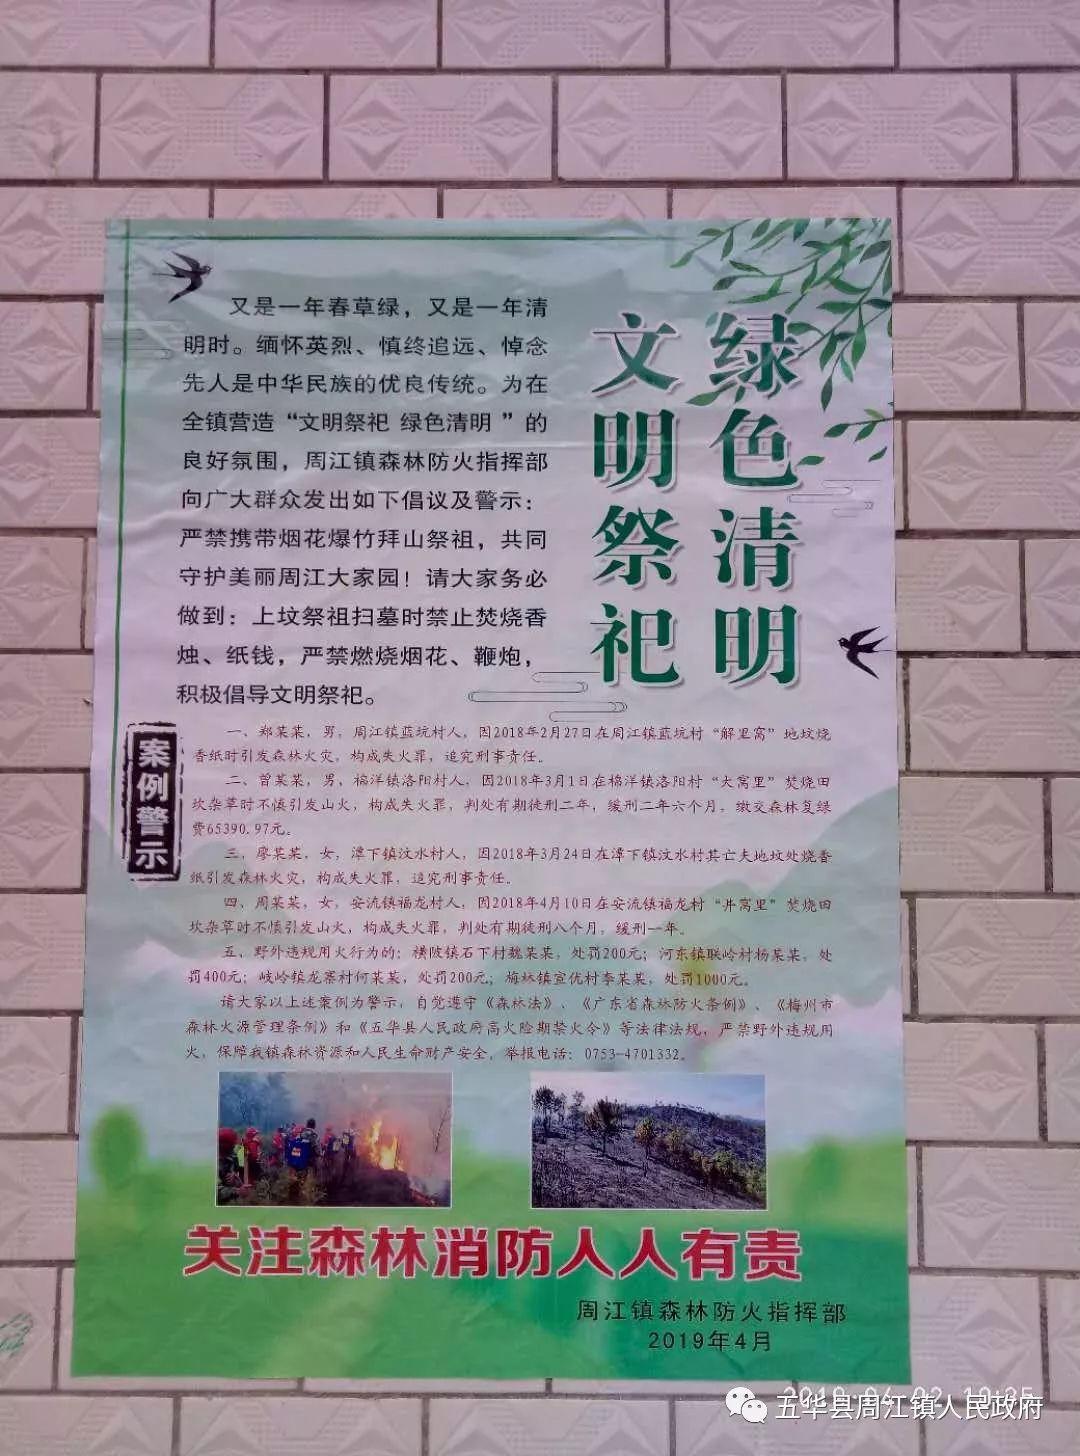 民乐县顺化乡签订森林防火目标管理责任书